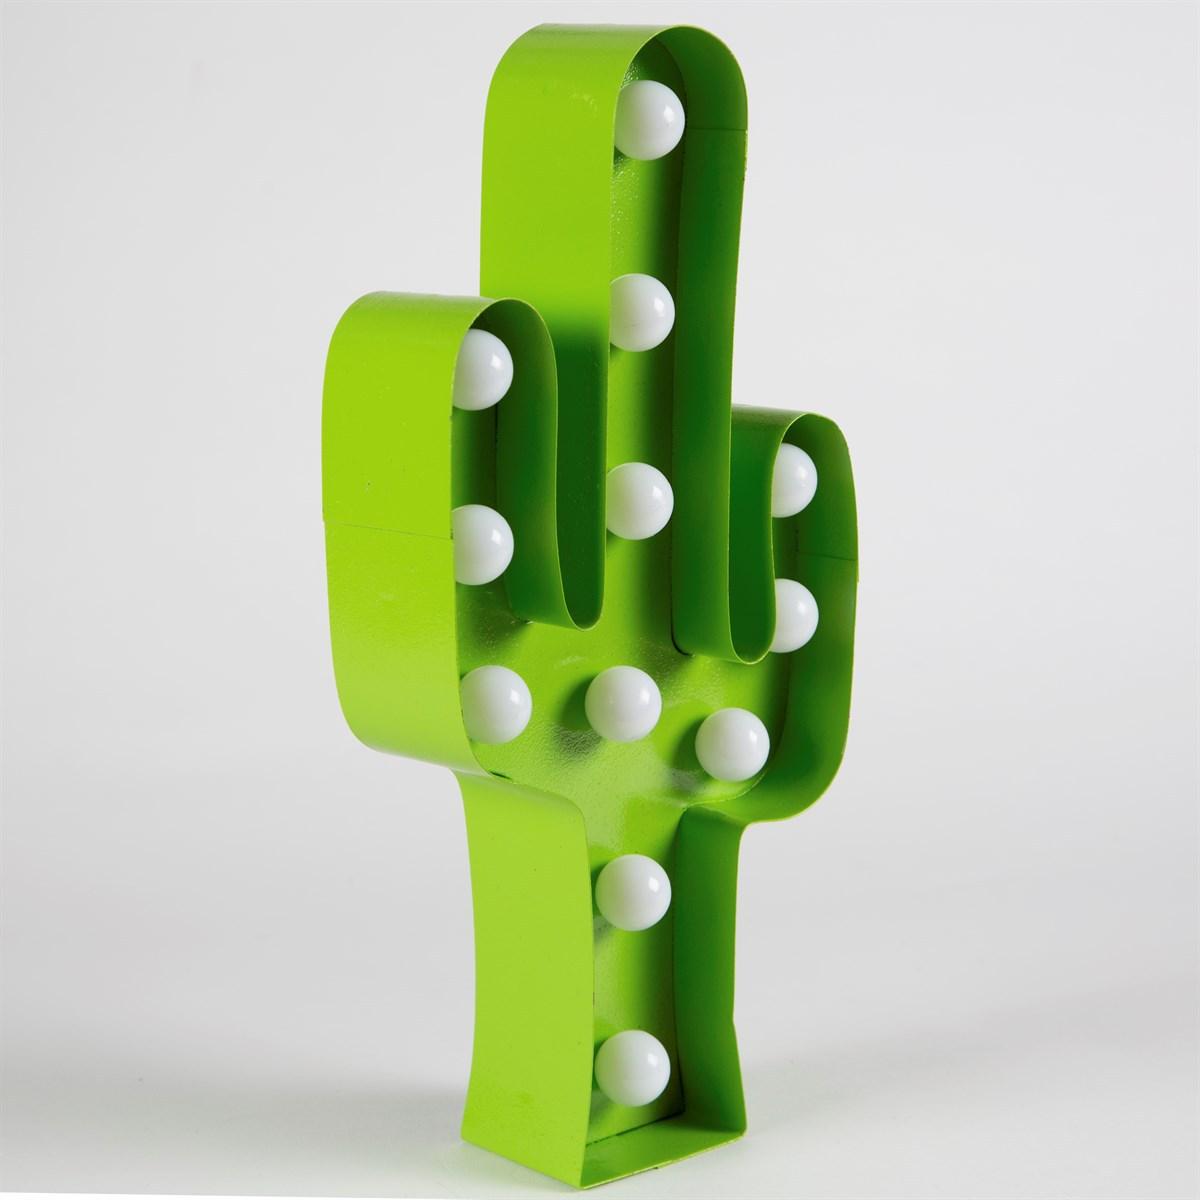 sass belle panneau lumineux led cactus suspension d corative sass belle sur l 39 armoire de b b. Black Bedroom Furniture Sets. Home Design Ideas